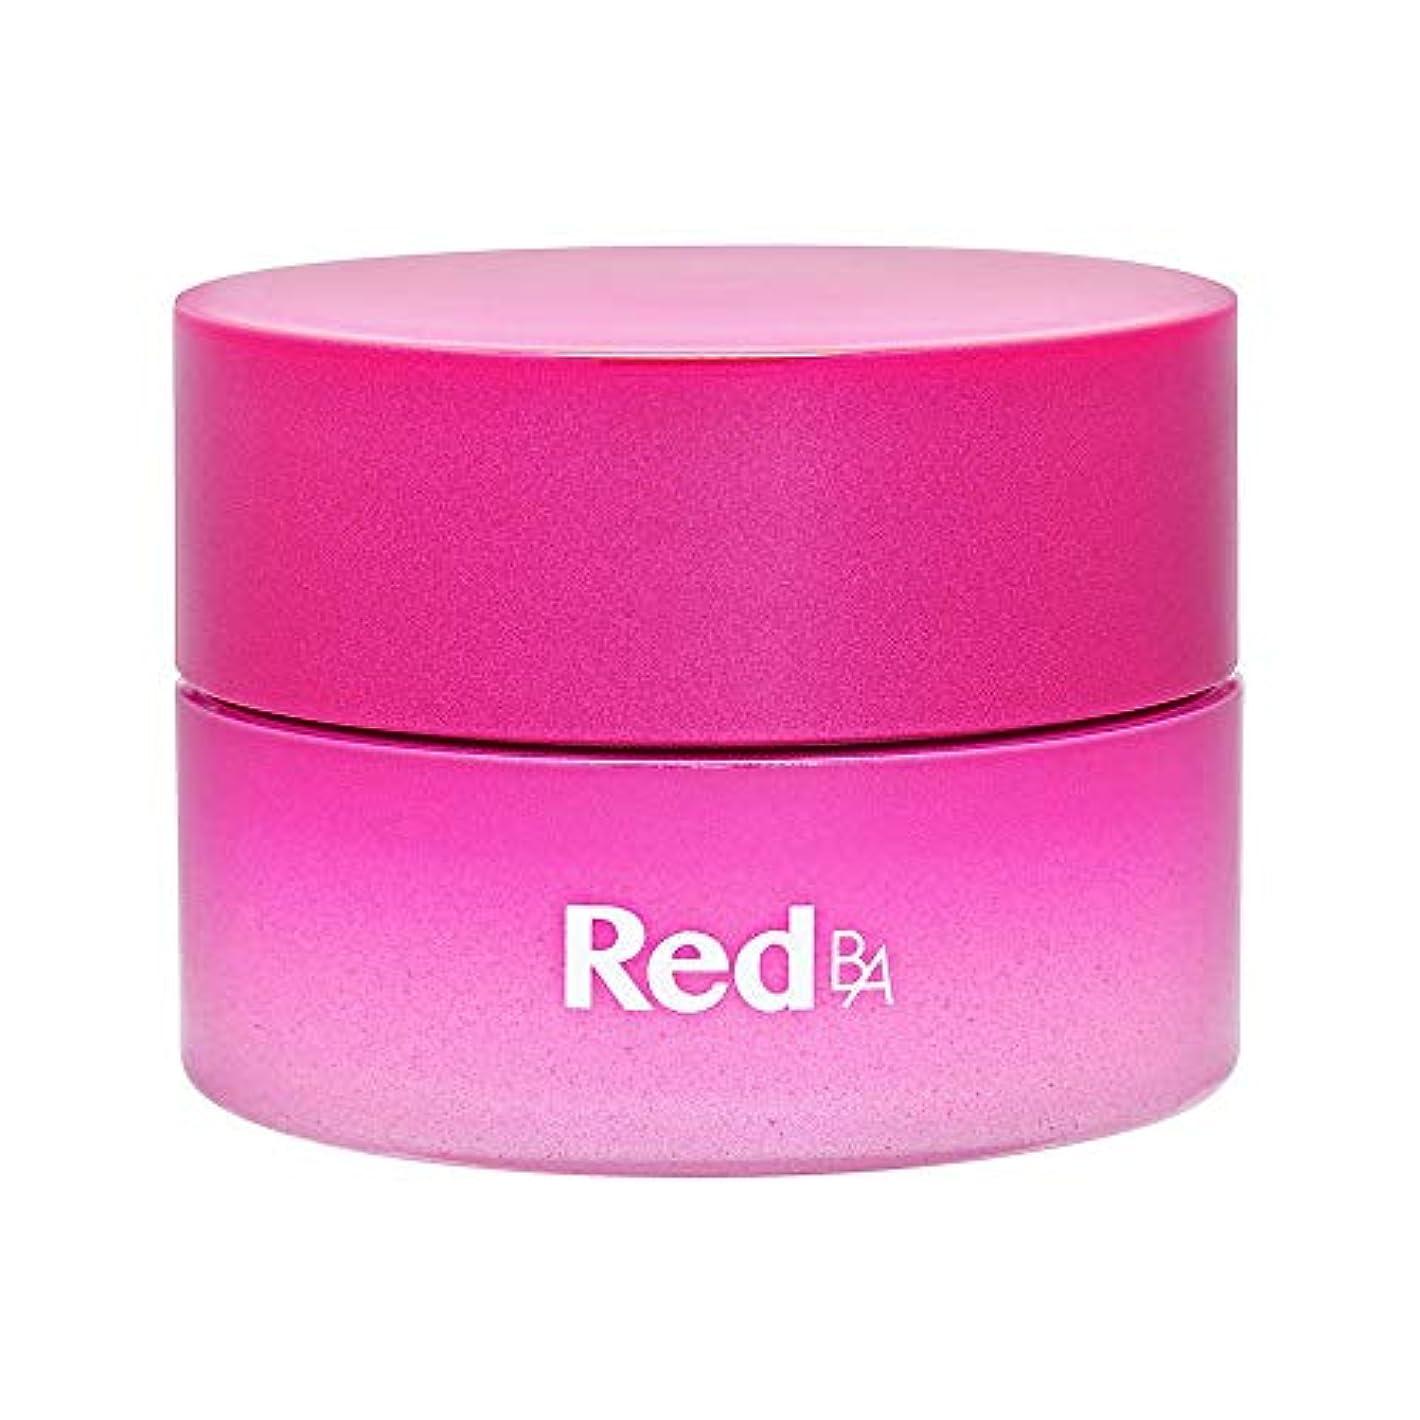 偽発疹近代化ポーラ Red B.A マルチコンセントレート 50g [並行輸入品]